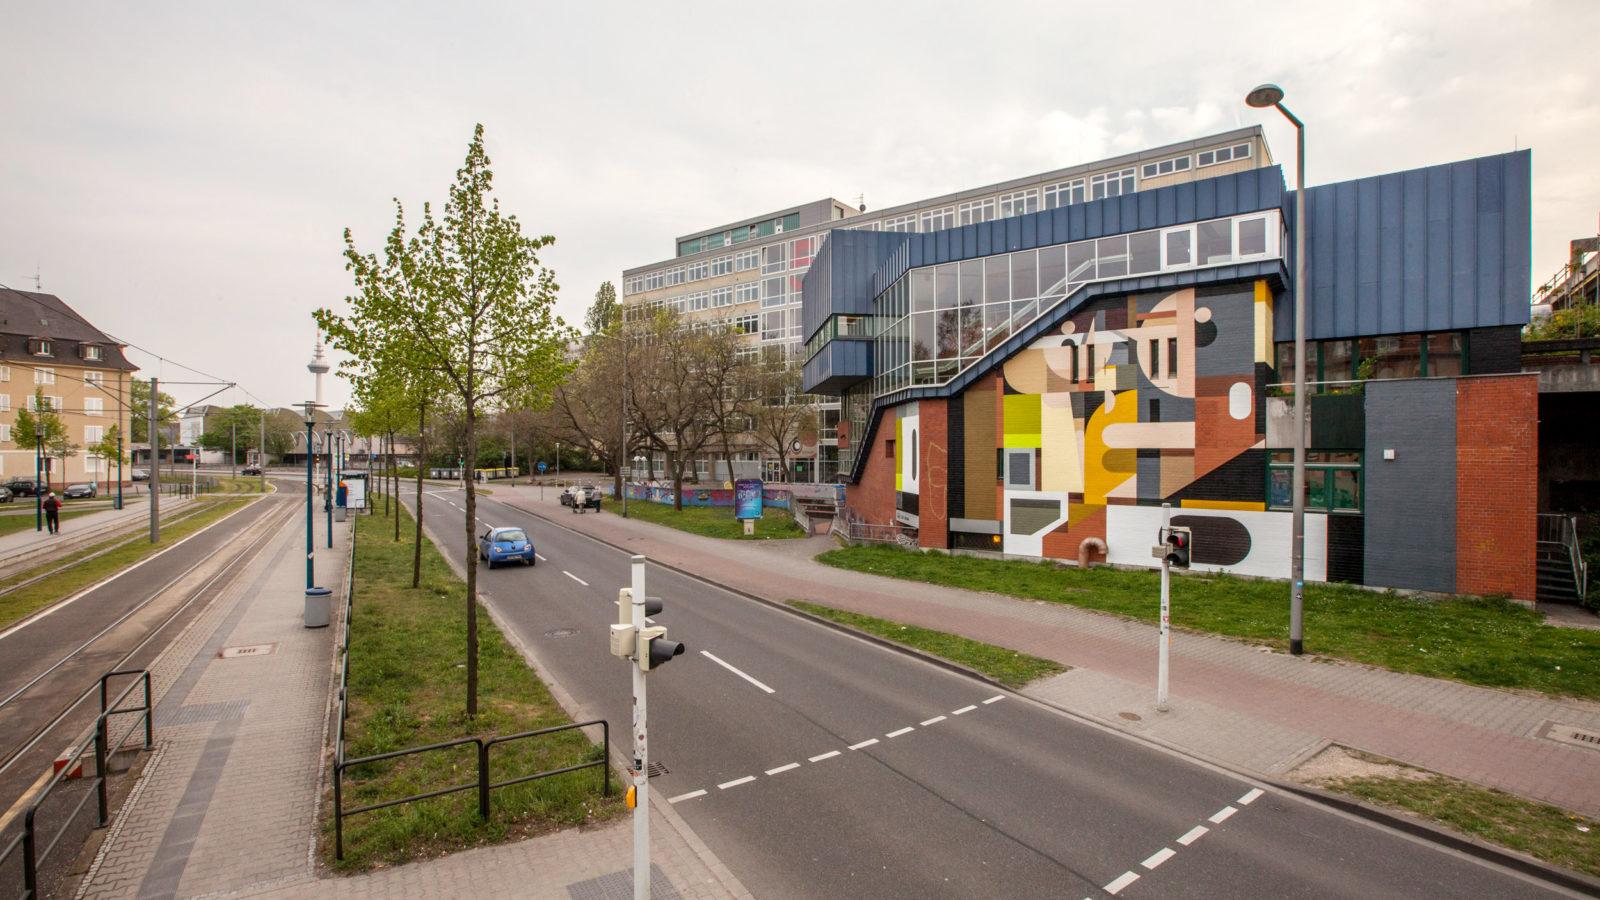 1704-StadtWandKunst-Alexey-Luka-Mannheim-AKrziwanie-3218